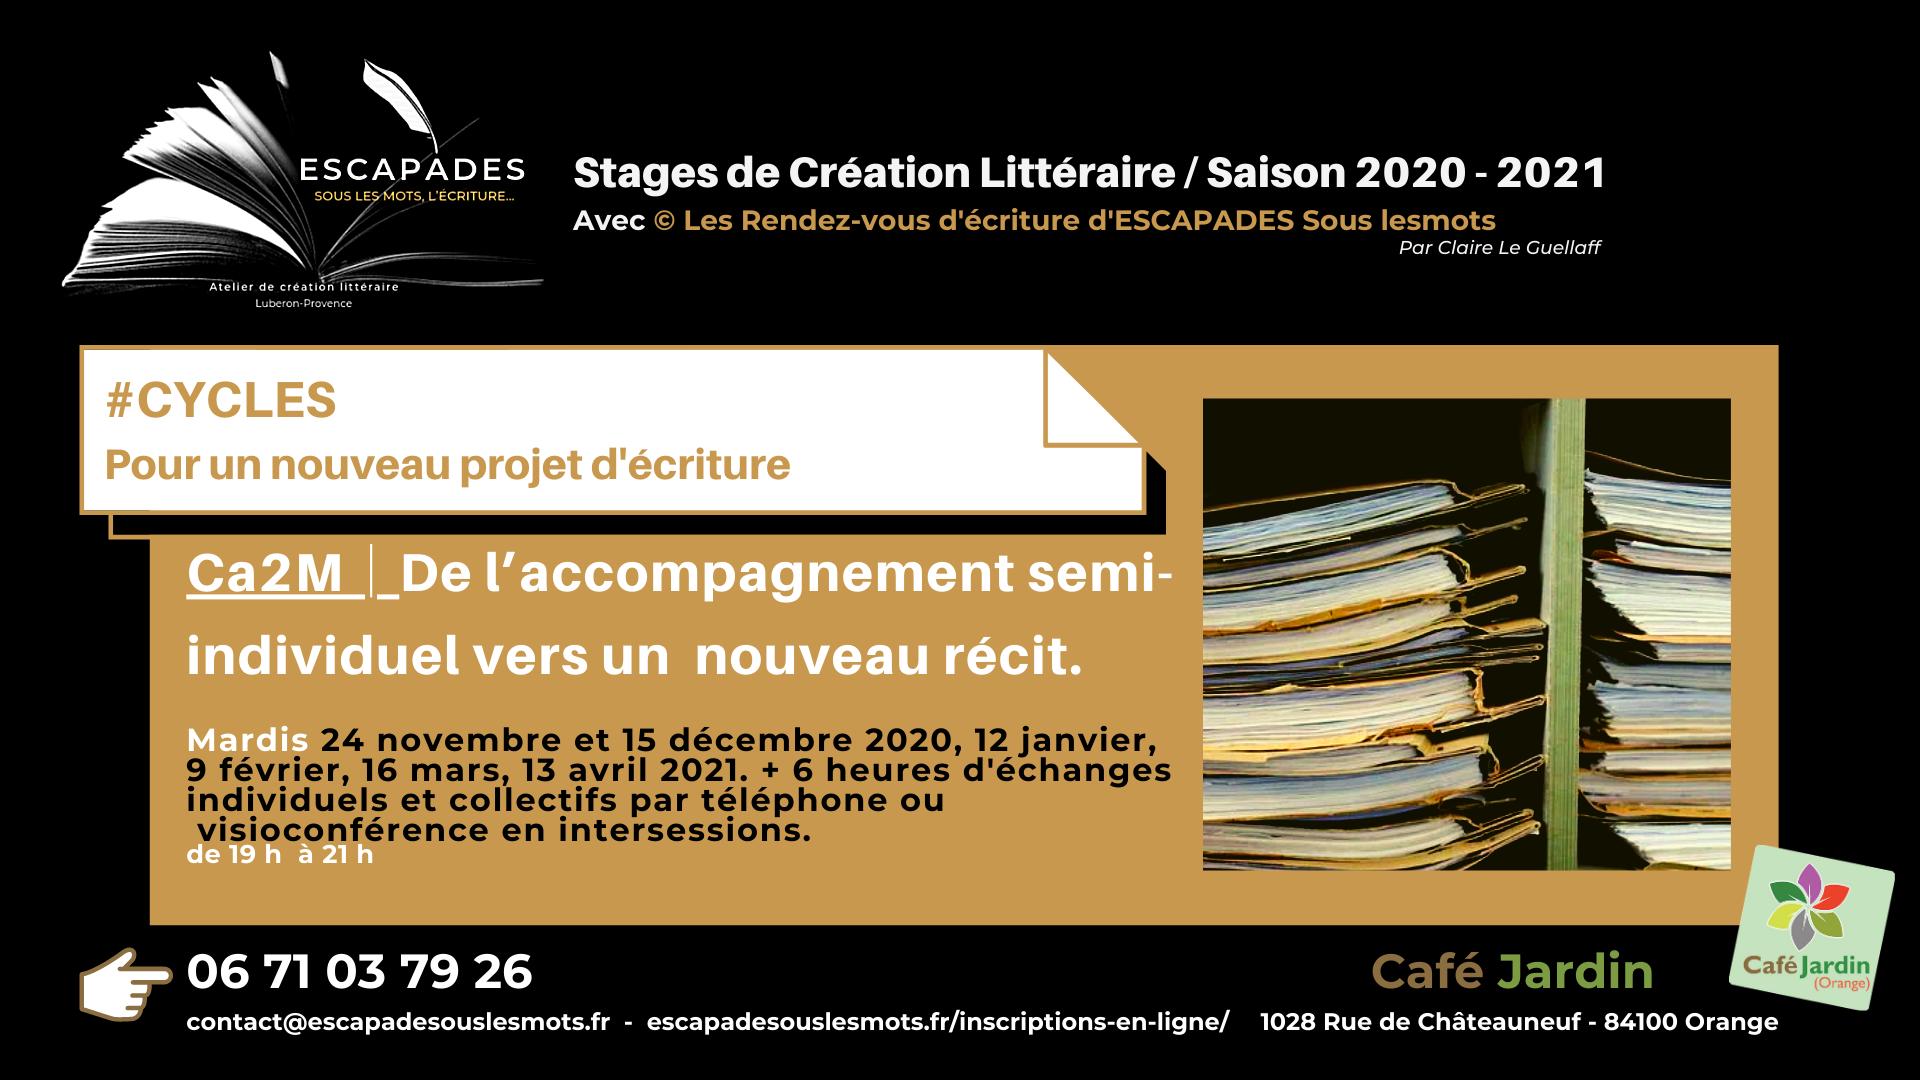 """#CYCLES  : """"Pour un nouveau projet d'écriture."""" Du 24 novembre 2020 au 13 avril 2021"""